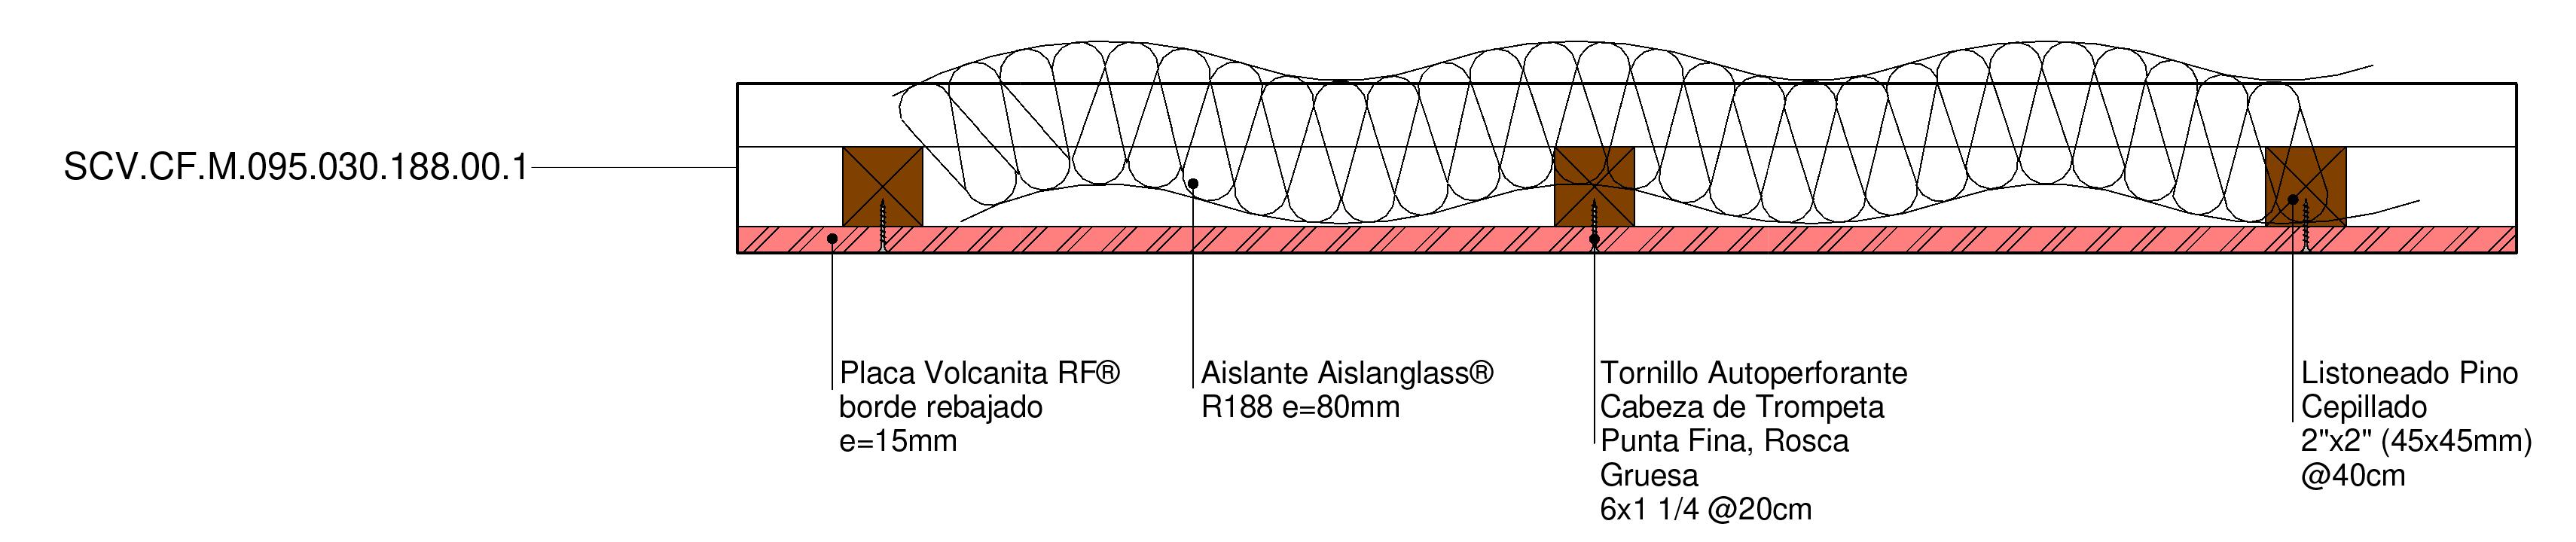 Solución Cielo falso F-30 de Volcan en BIM. Solución en rvt, ifc, dwg, para revit, BIM, de Volcan